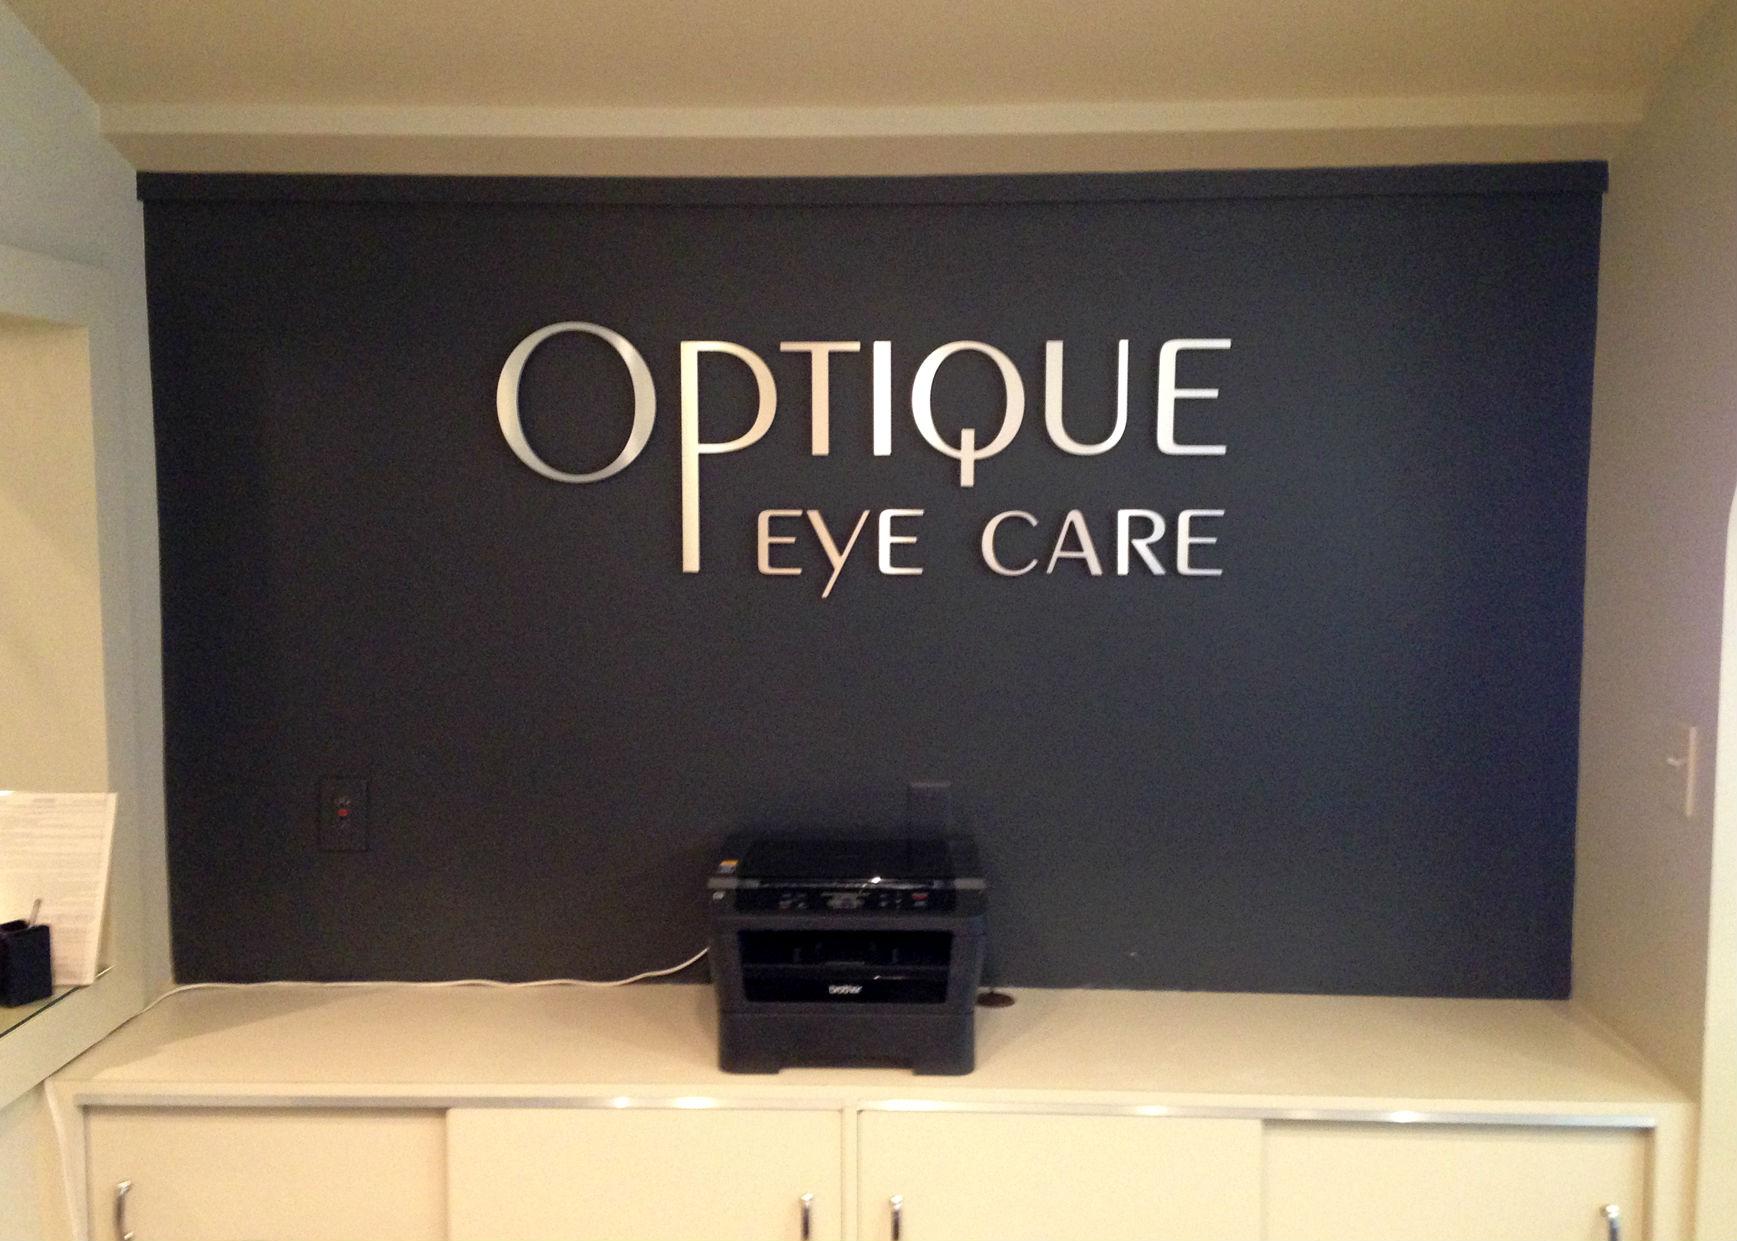 Interior Reception Wall Logo for Optique Eye Care